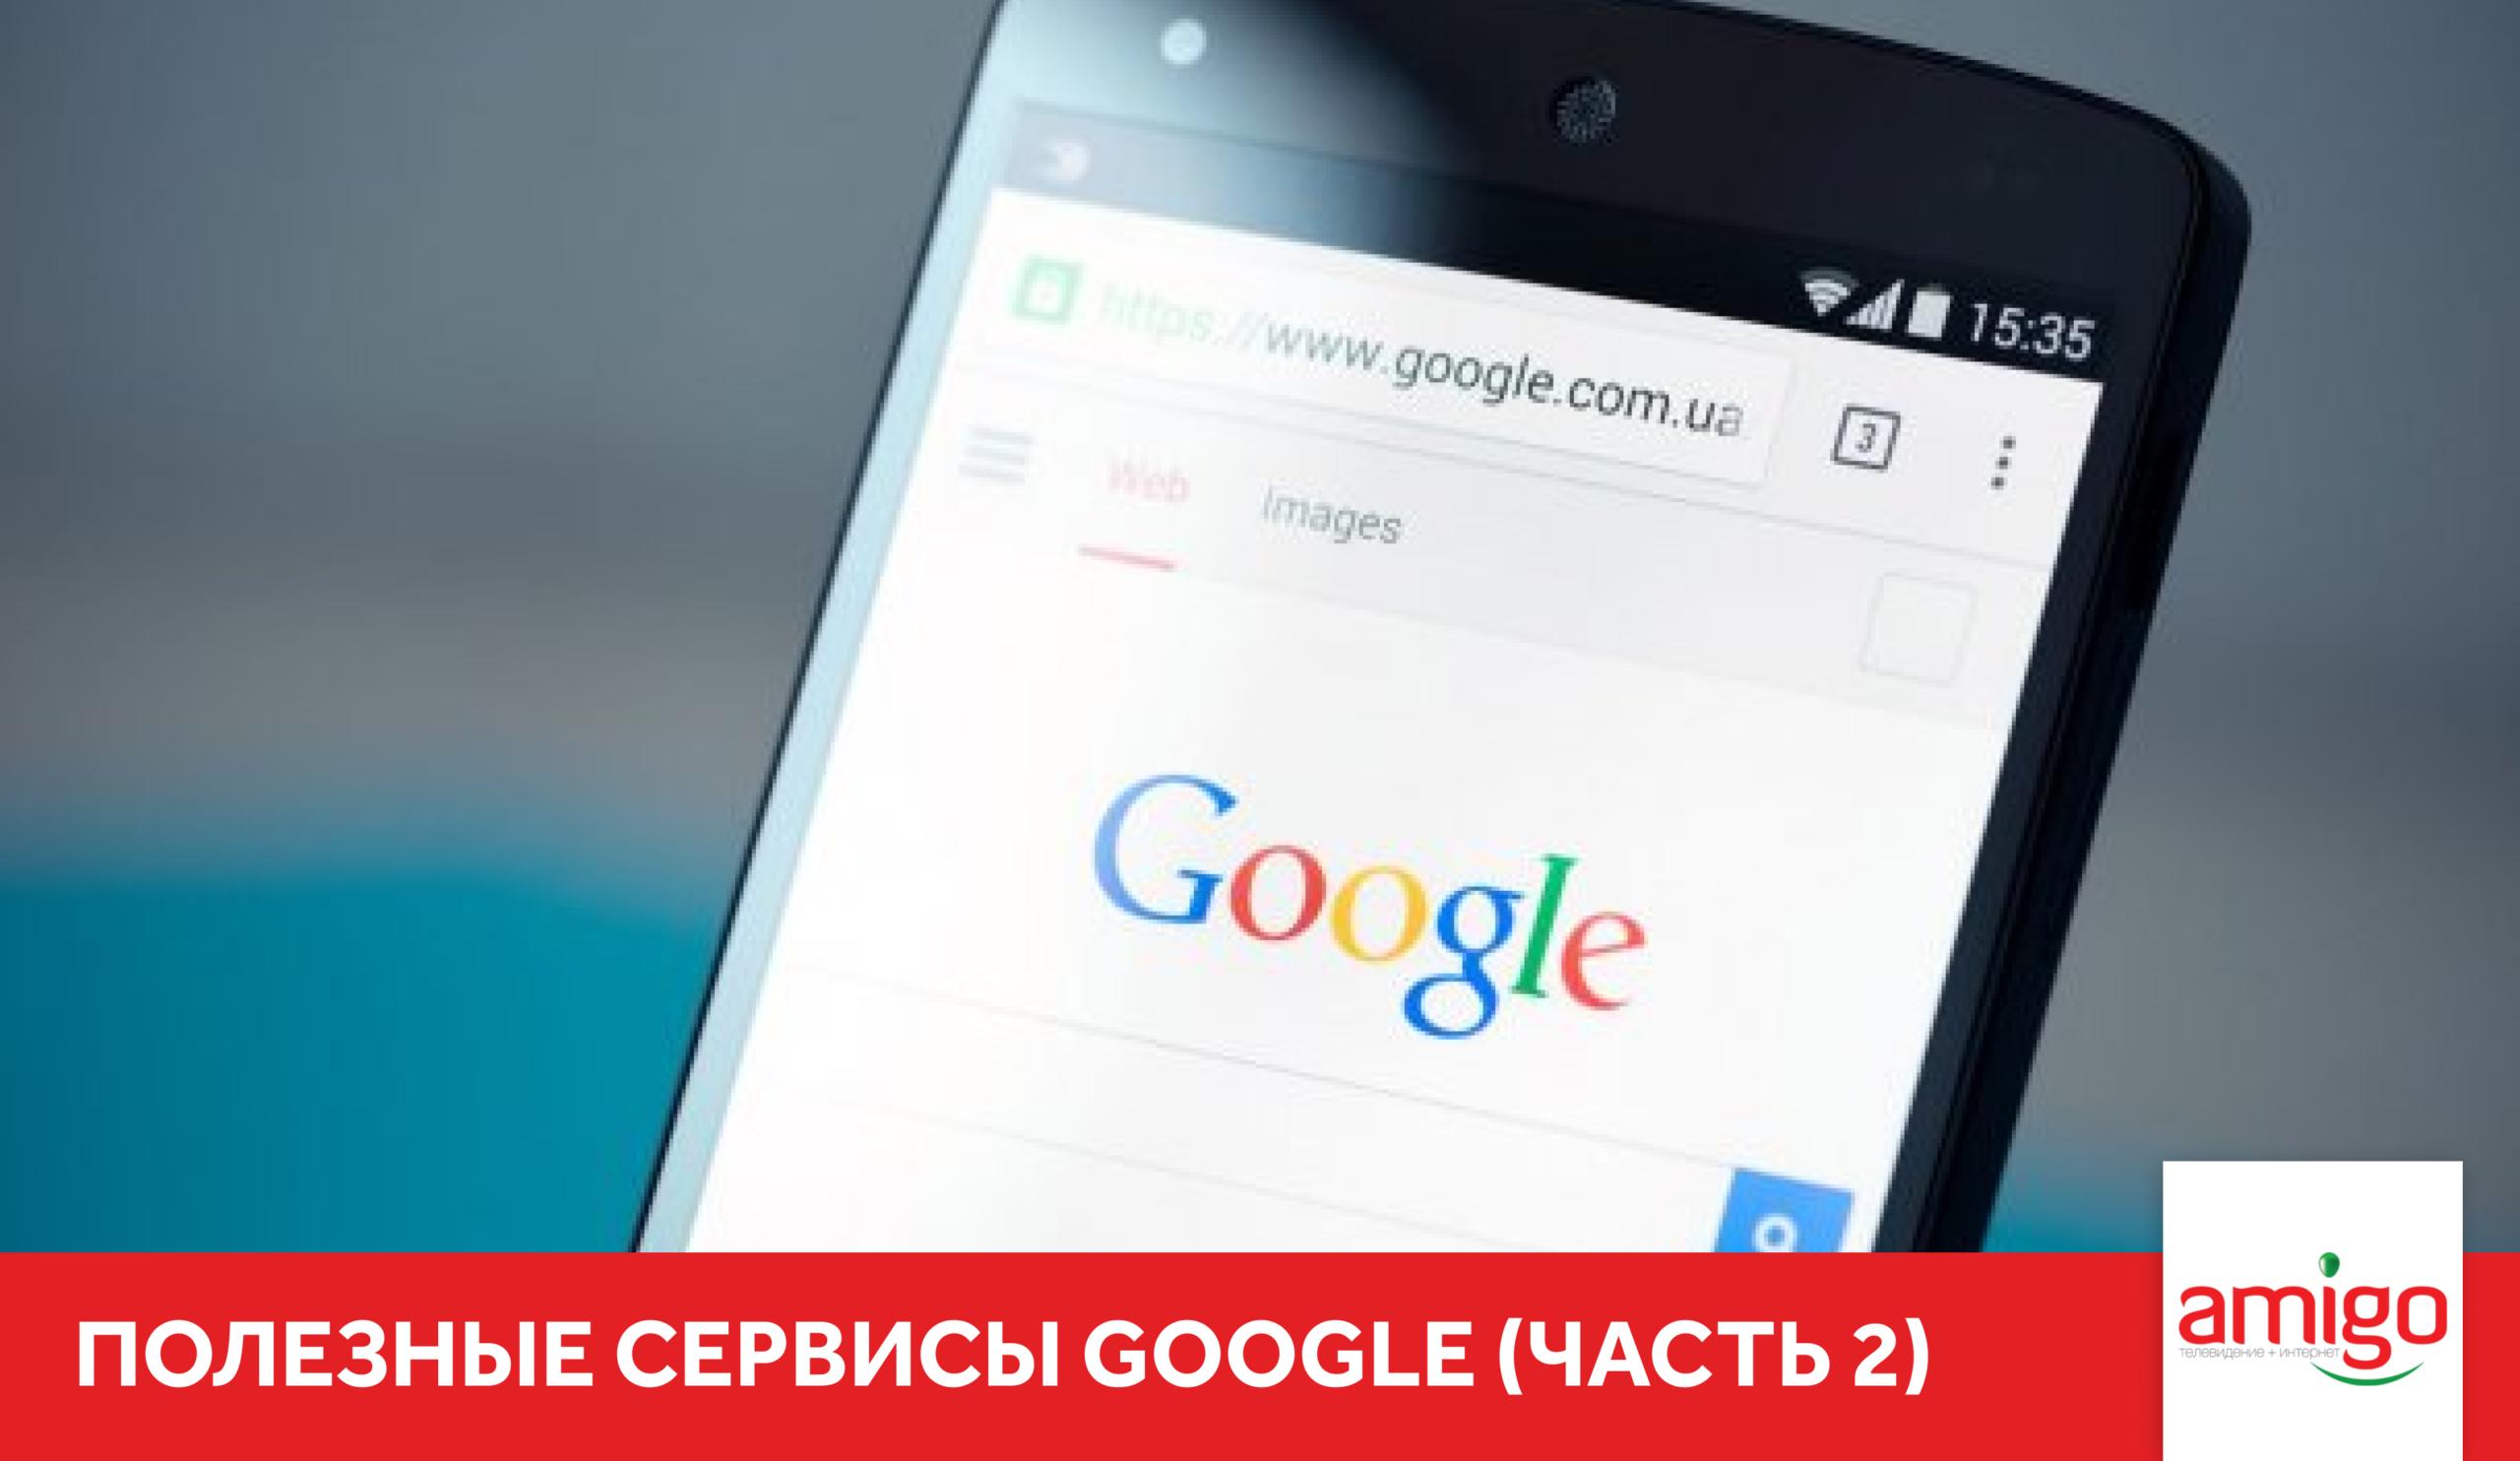 Полезные сервисы Google (Часть 2)